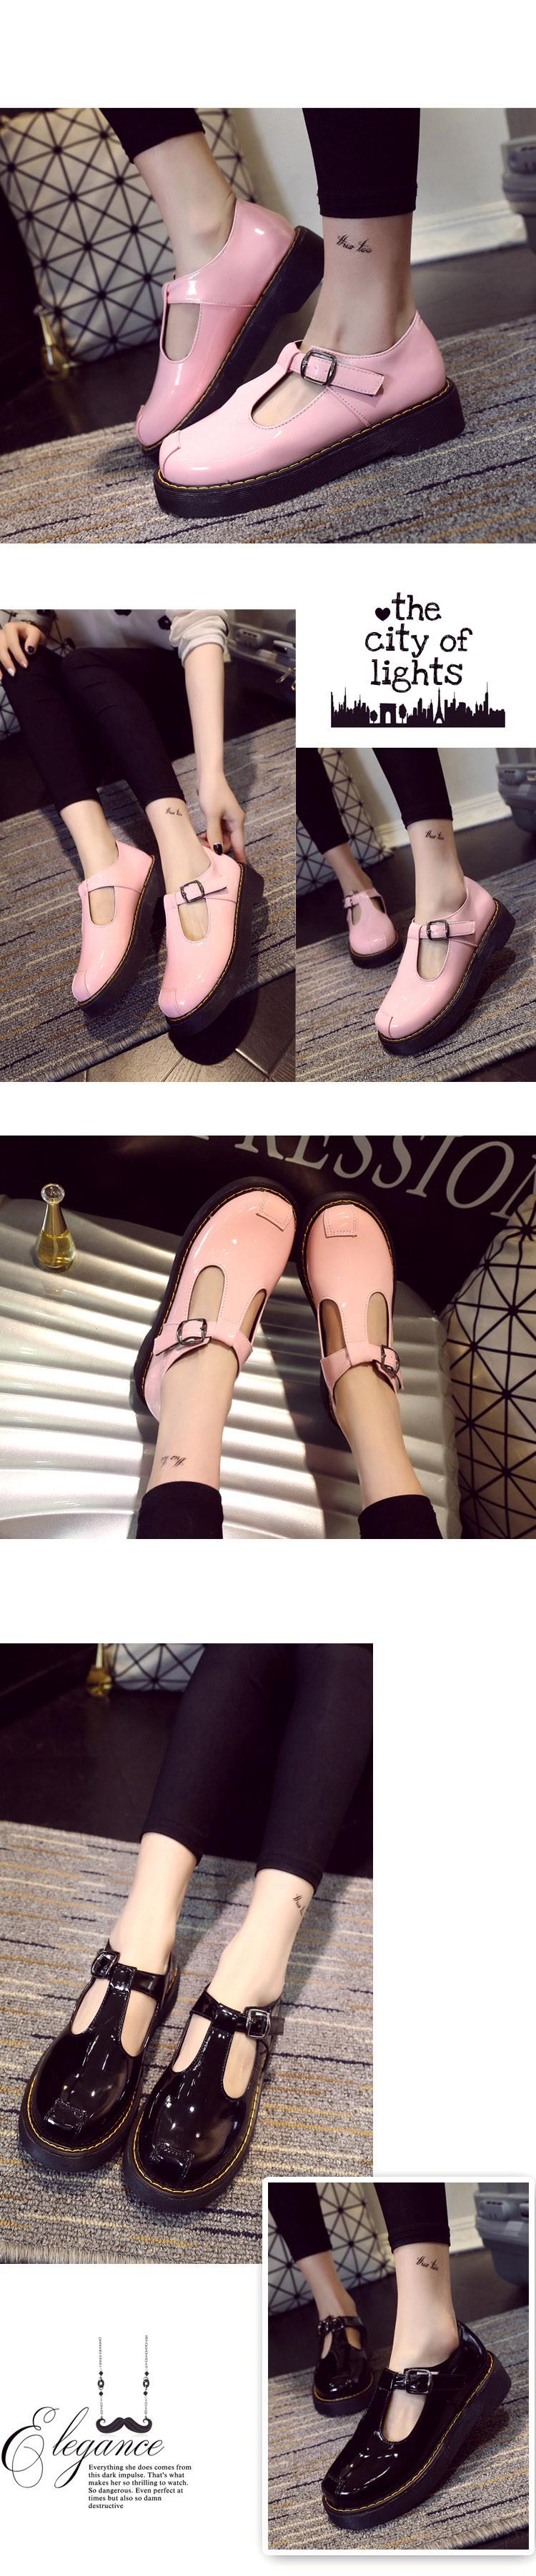 ซื้อ สีชมพูผู้หญิงB Rogueรองเท้าแพลตฟอร์มO Xfordsผู้หญิง2016เสื้อสายรัดการจัดส่งบนรองเท้าส้นเตี้ยแฟชั่นหัวเข็มขัดC Reepers XWD4446